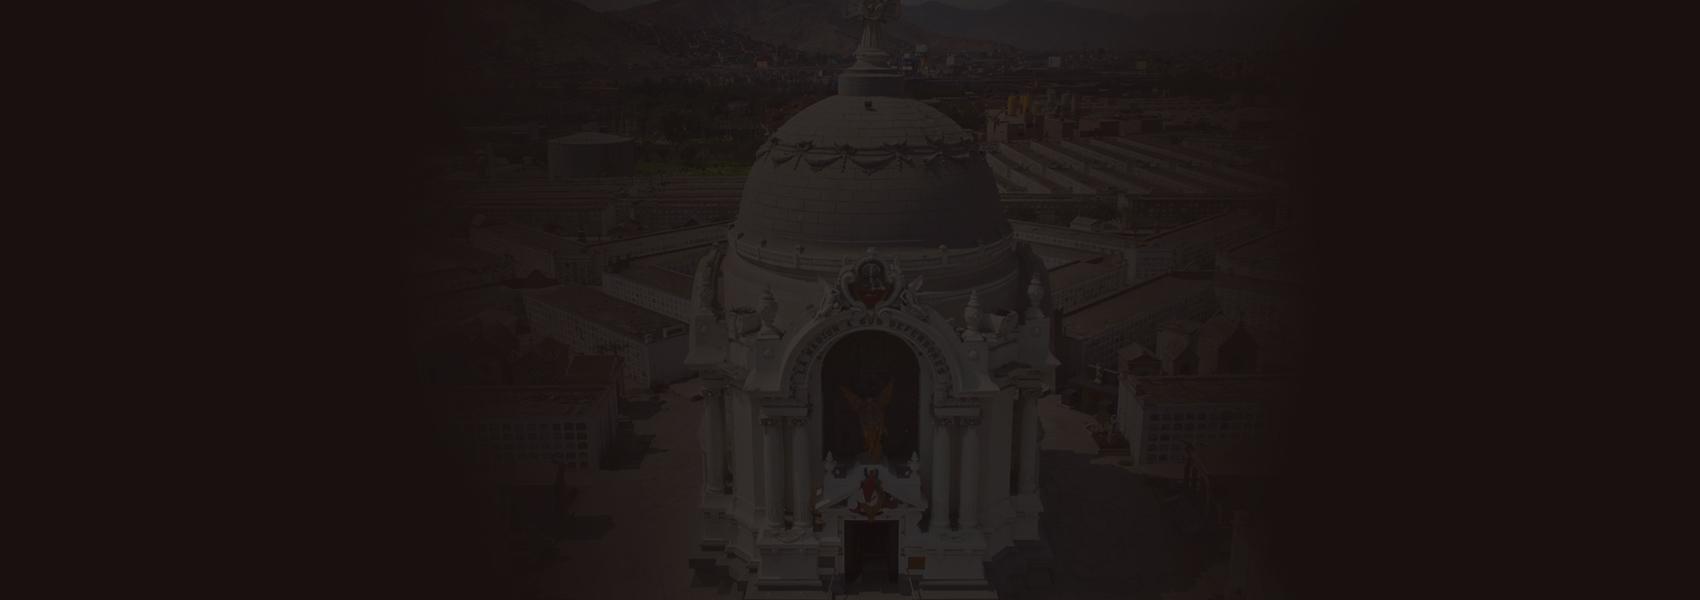 Exhumación de Restos<br/>En Lima Perú